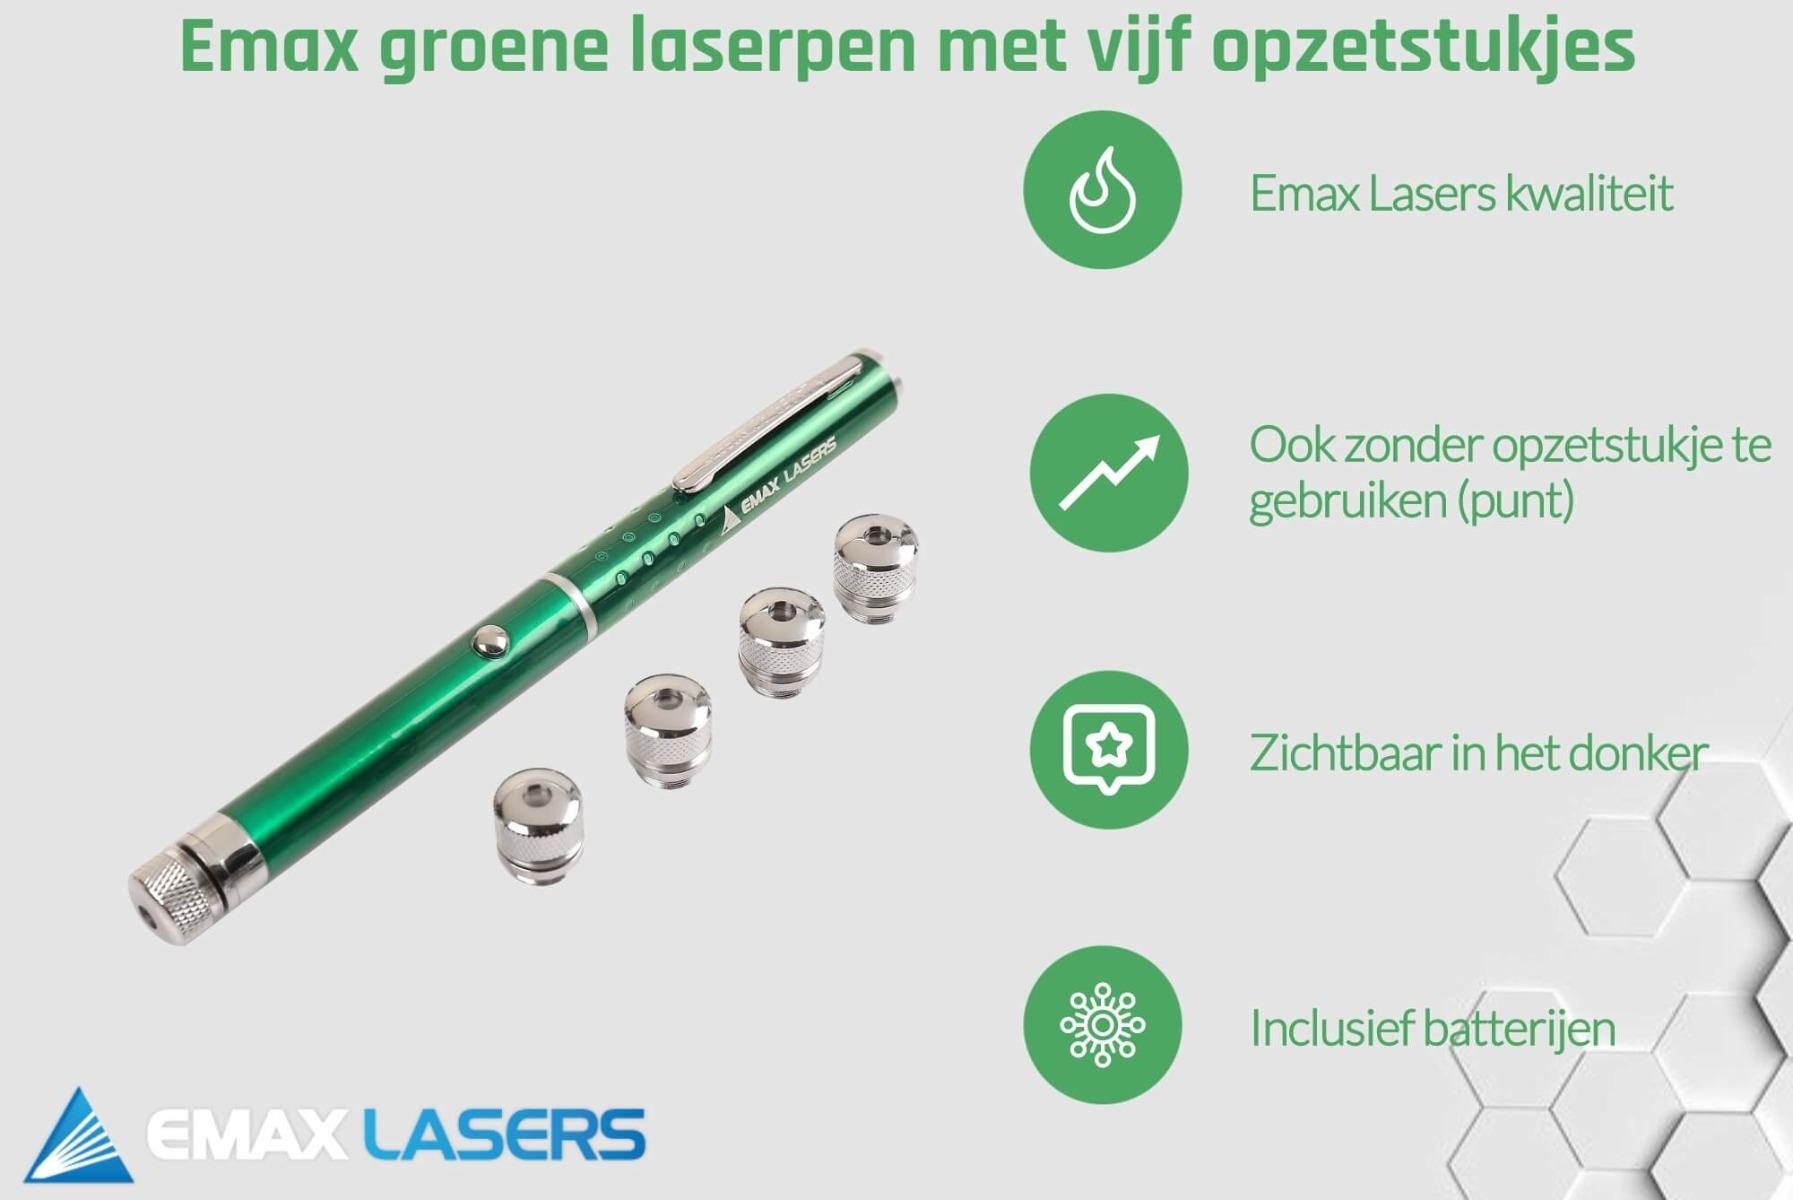 emax groene laserpen met vijf caps banner